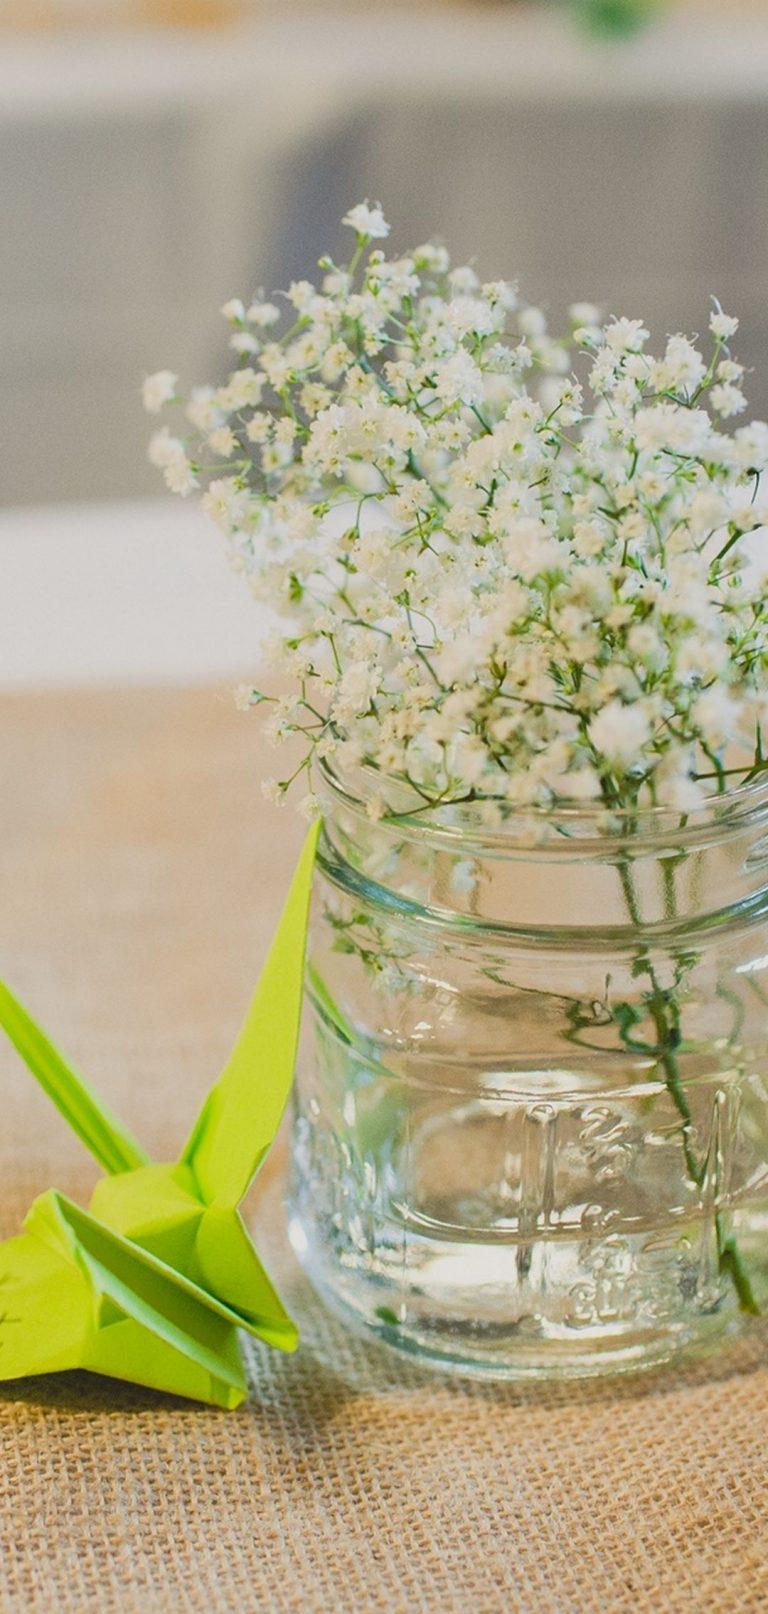 Flowers Vase Origami 1080x2270 768x1614